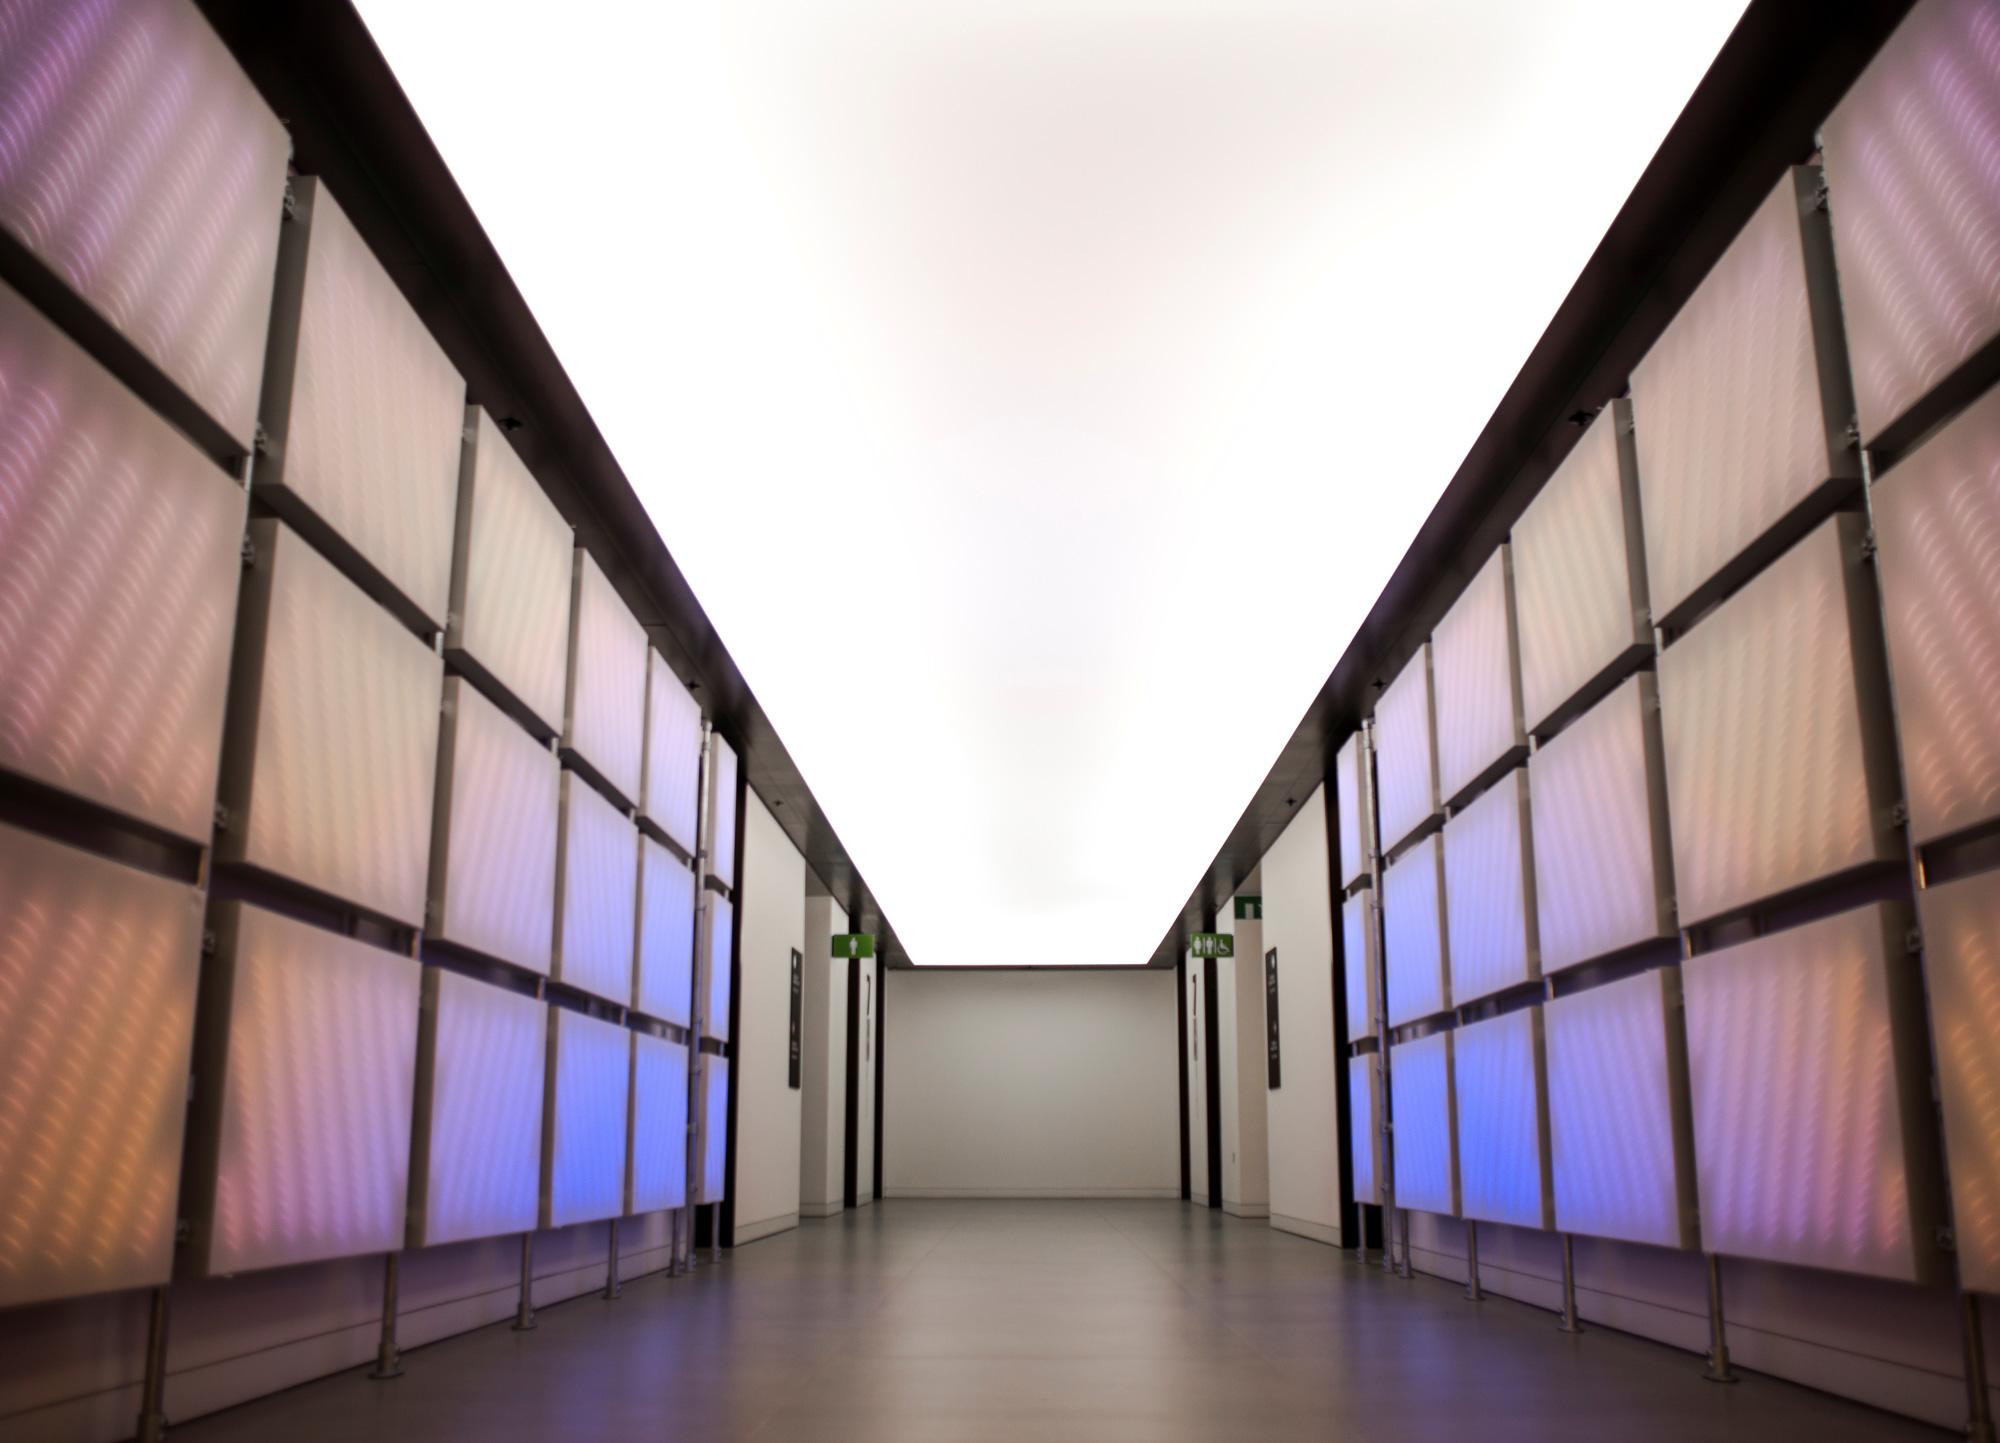 Lichtinstallation bei Amazon mit ETTLIN LUX® Textilien